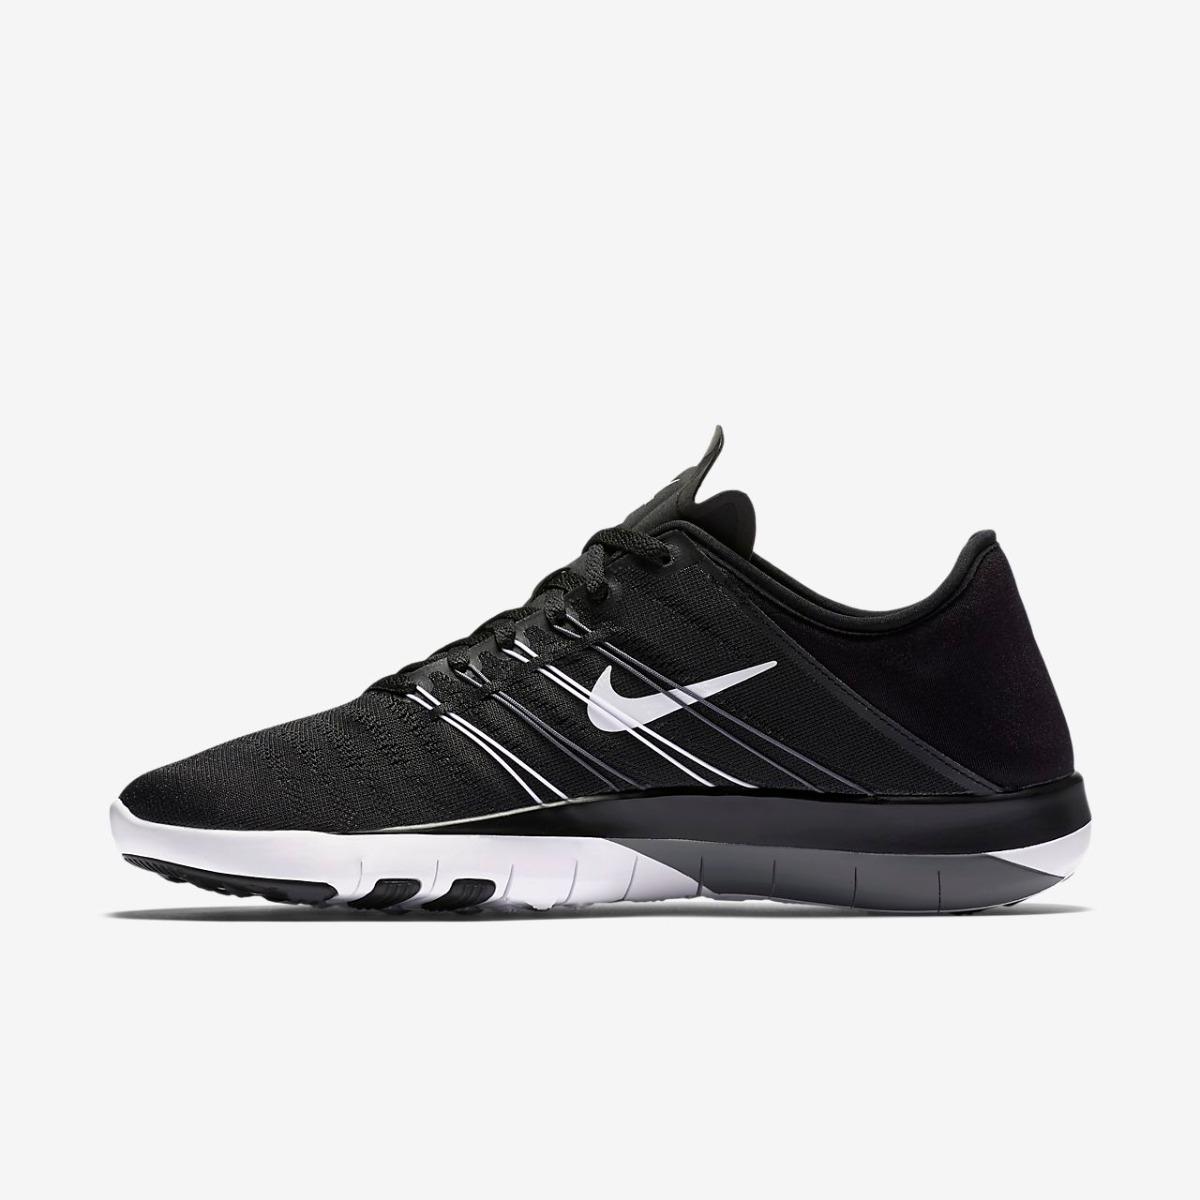 a4fd6357fae3a zapatillas nike free tr 6 mujer running   entrenamiento. Cargando zoom.